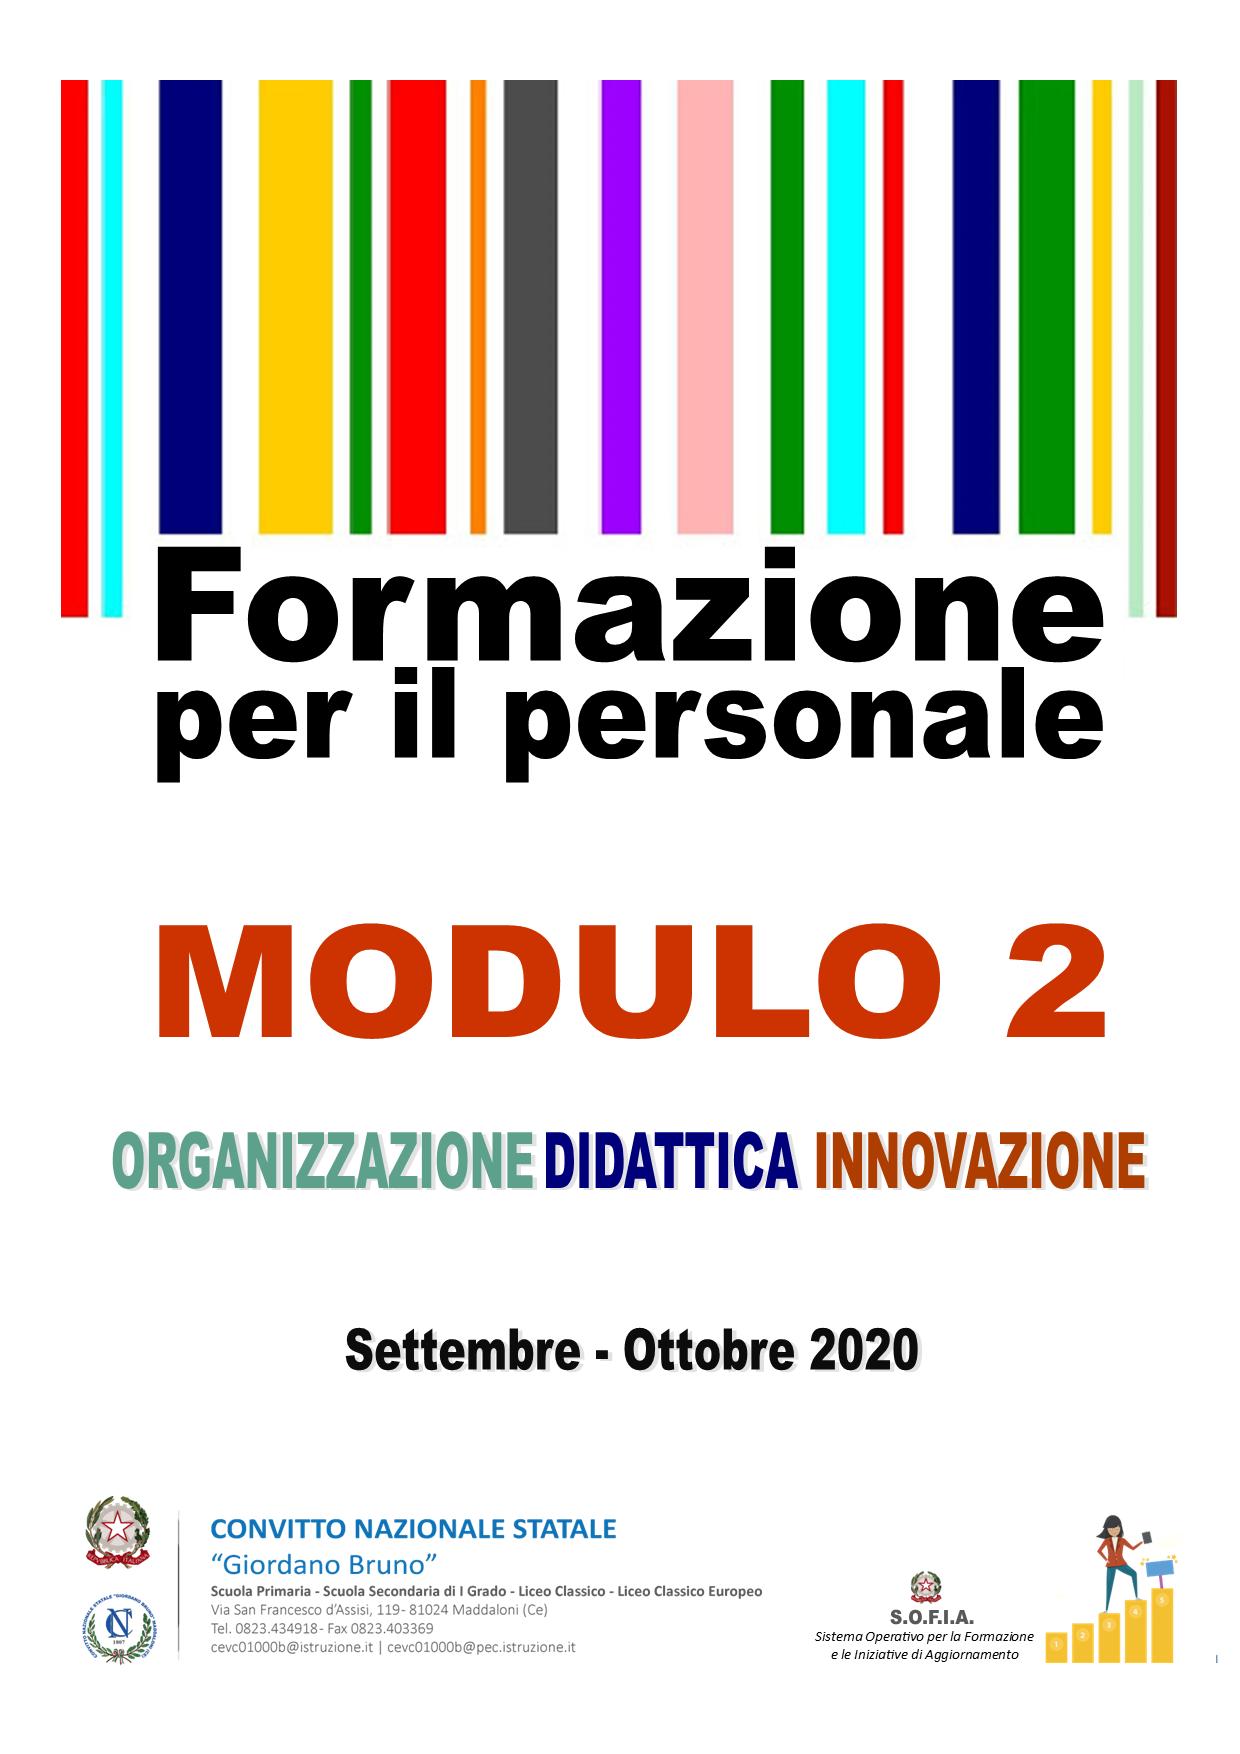 Corso di Formazione per l'innovazione didattica e organizzativa – Modulo 2